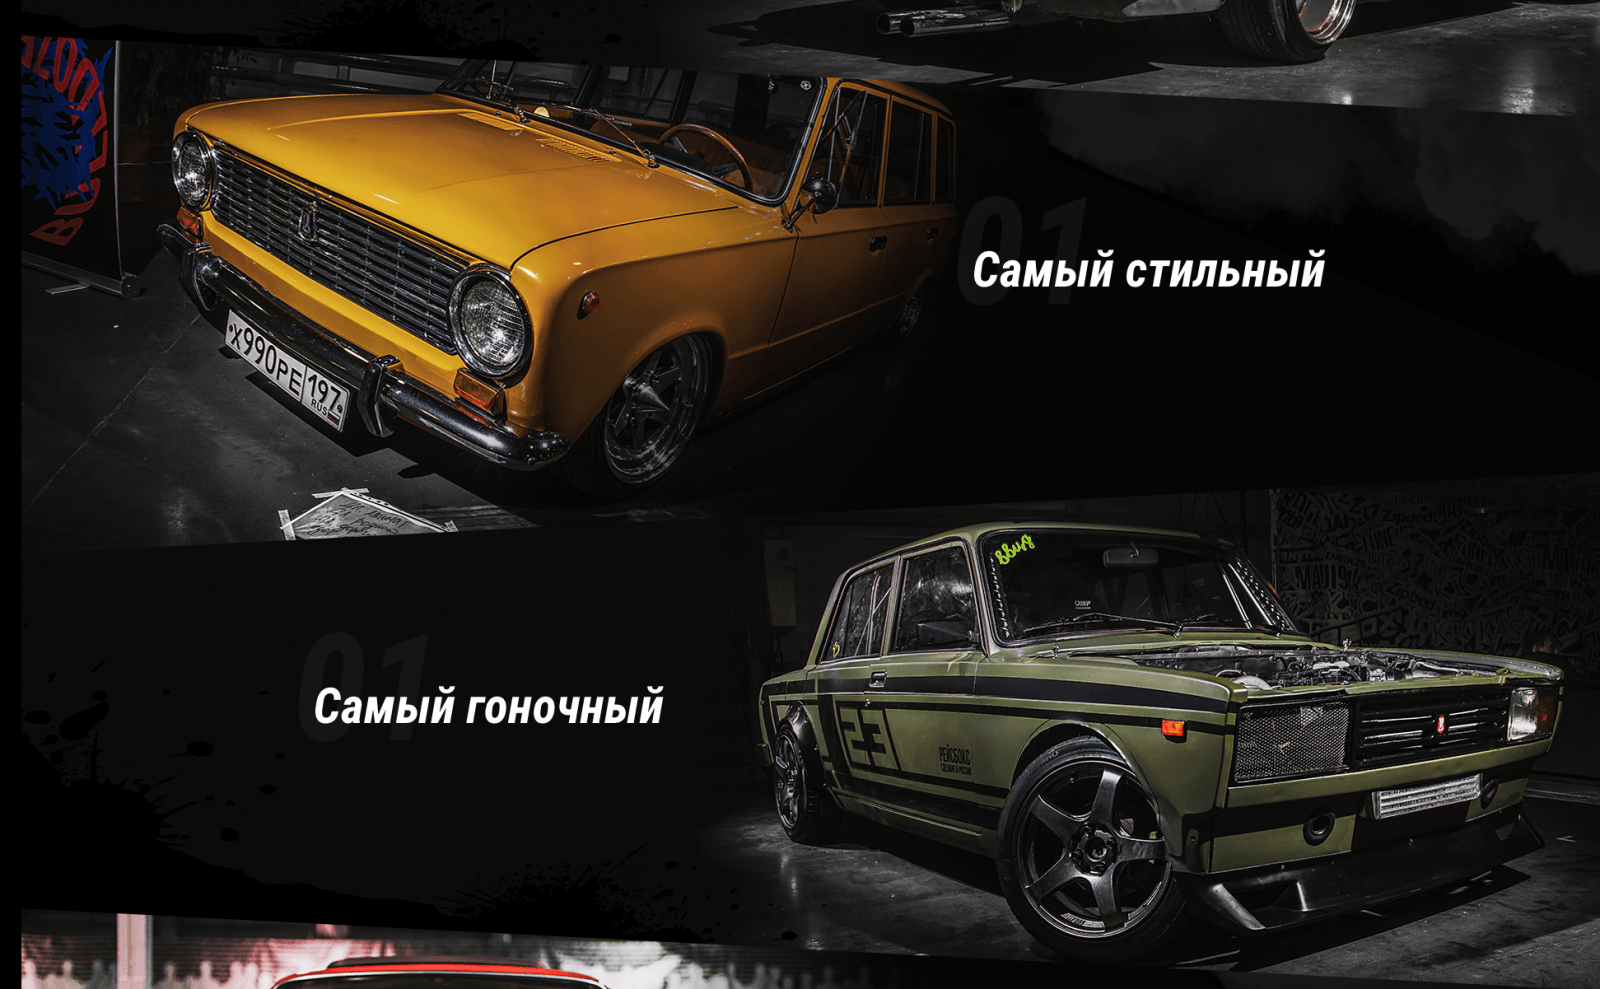 Выставка автомобильной культуры «Жигули Всегда» в Сокольниках. 3